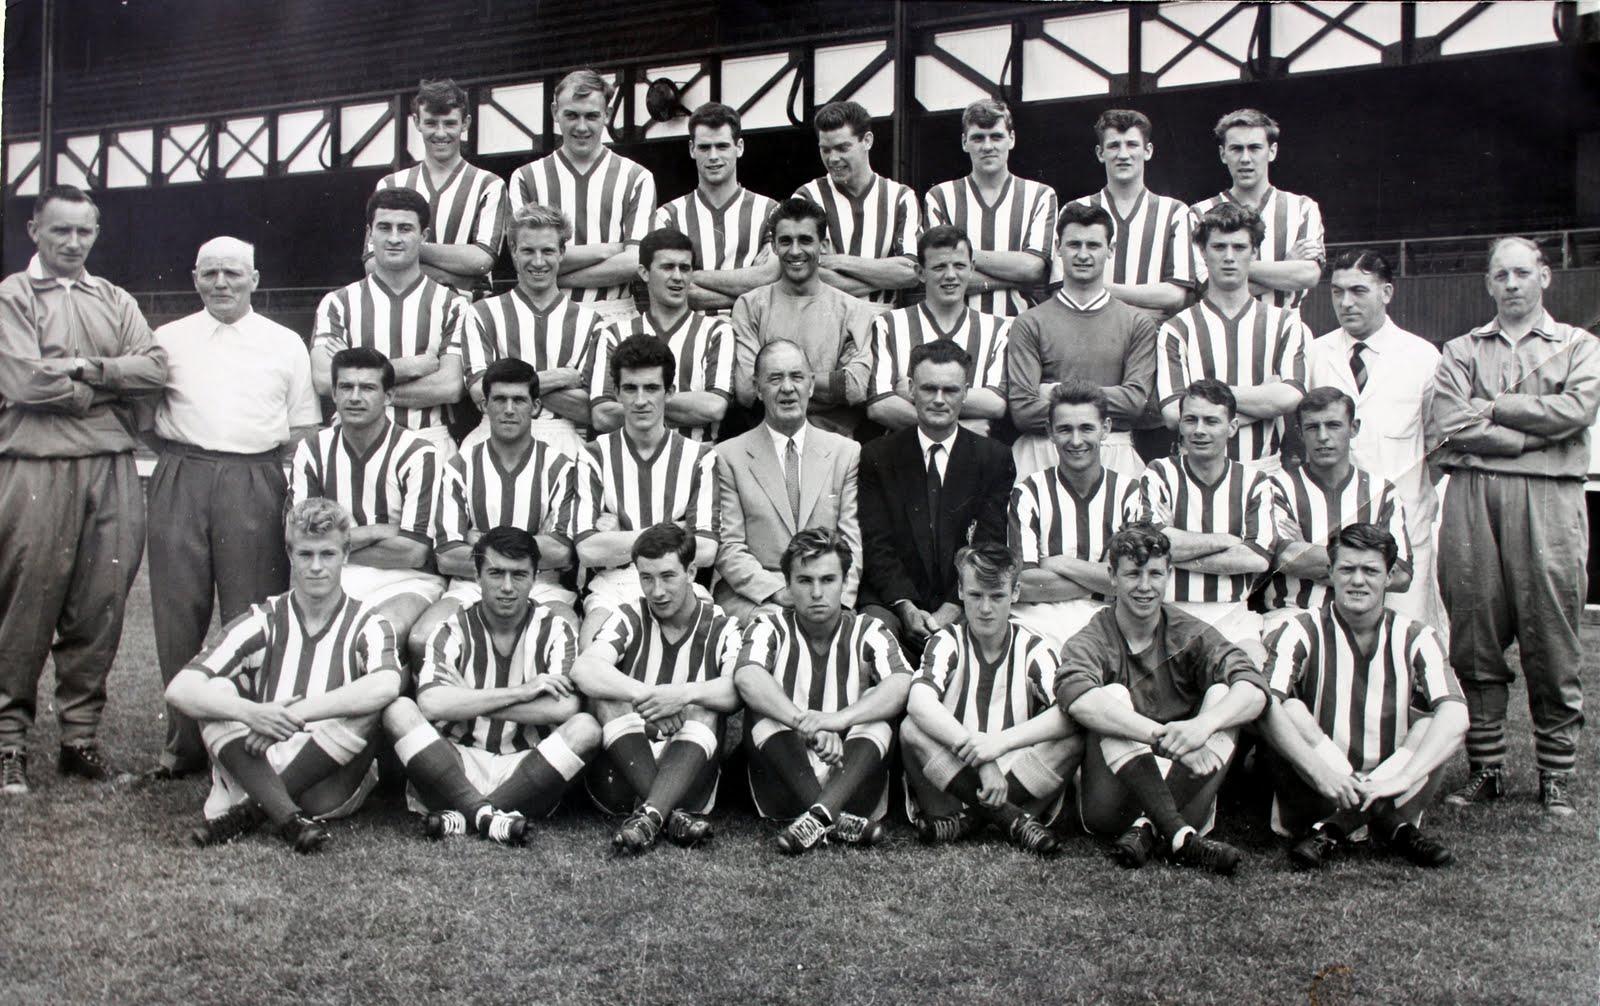 Brian Clough en una foto junto con toda la plantilla del Sunderland AFC